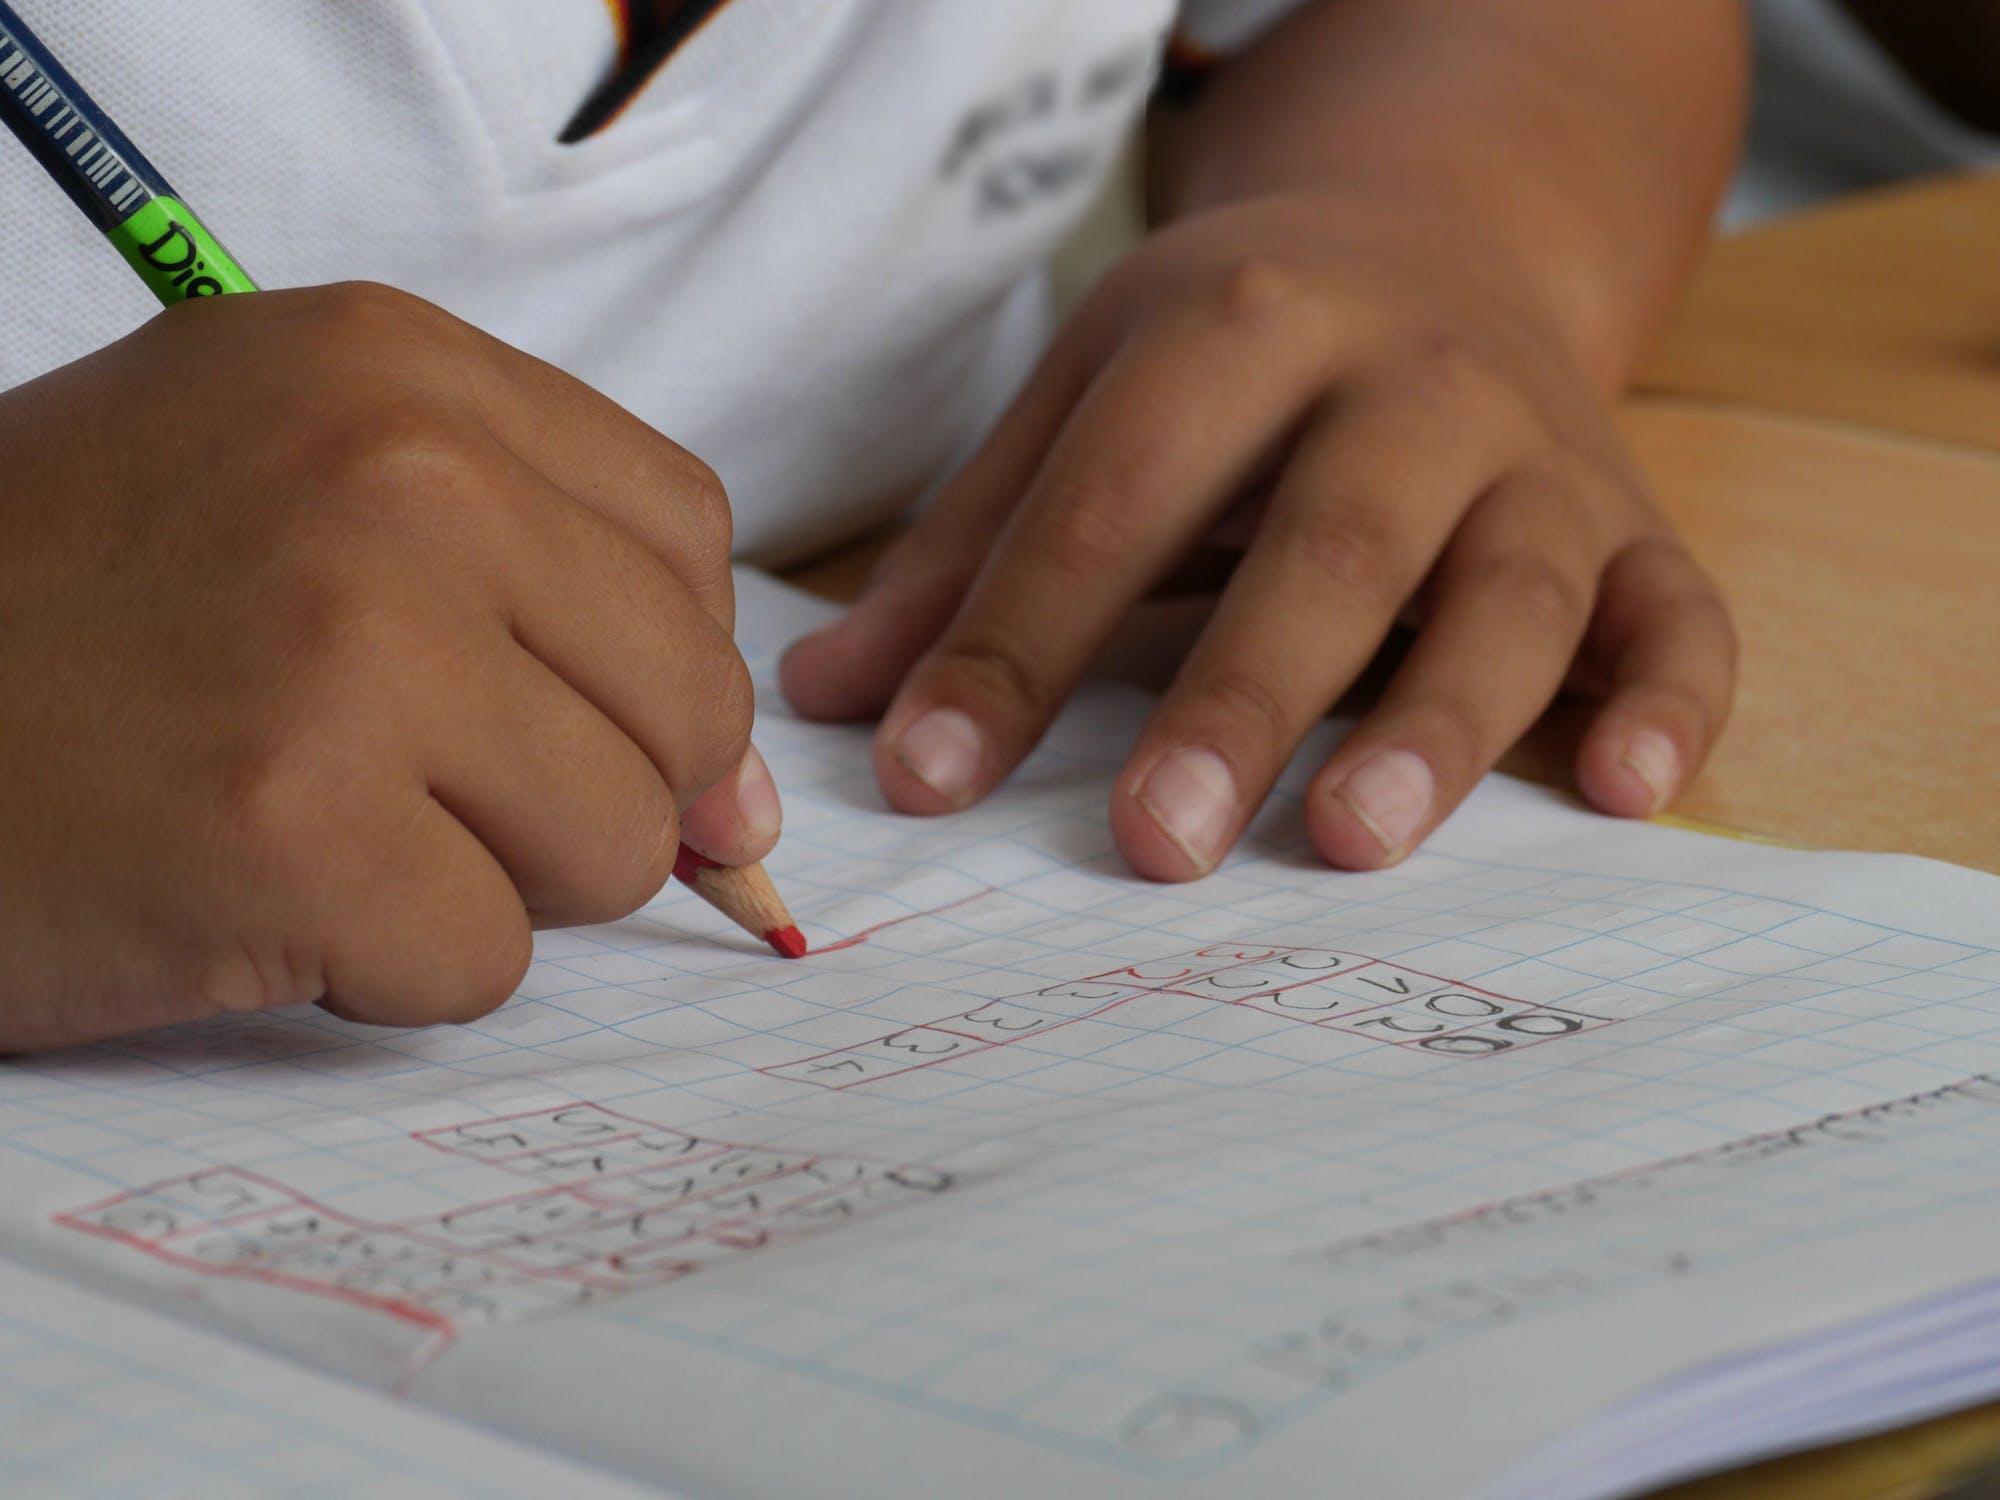 """ตัวอย่างการลงโทษทางวินัยครู! ครูที่ชอบให้้นักเรียนติด """"ร"""" โดยอ้างว่าขาดสอบภาคปฏิบัติ แต่มีพยานว่านักเรียนเข้าสอบ อาจถูกลงโทษภาคทััณฑ์"""